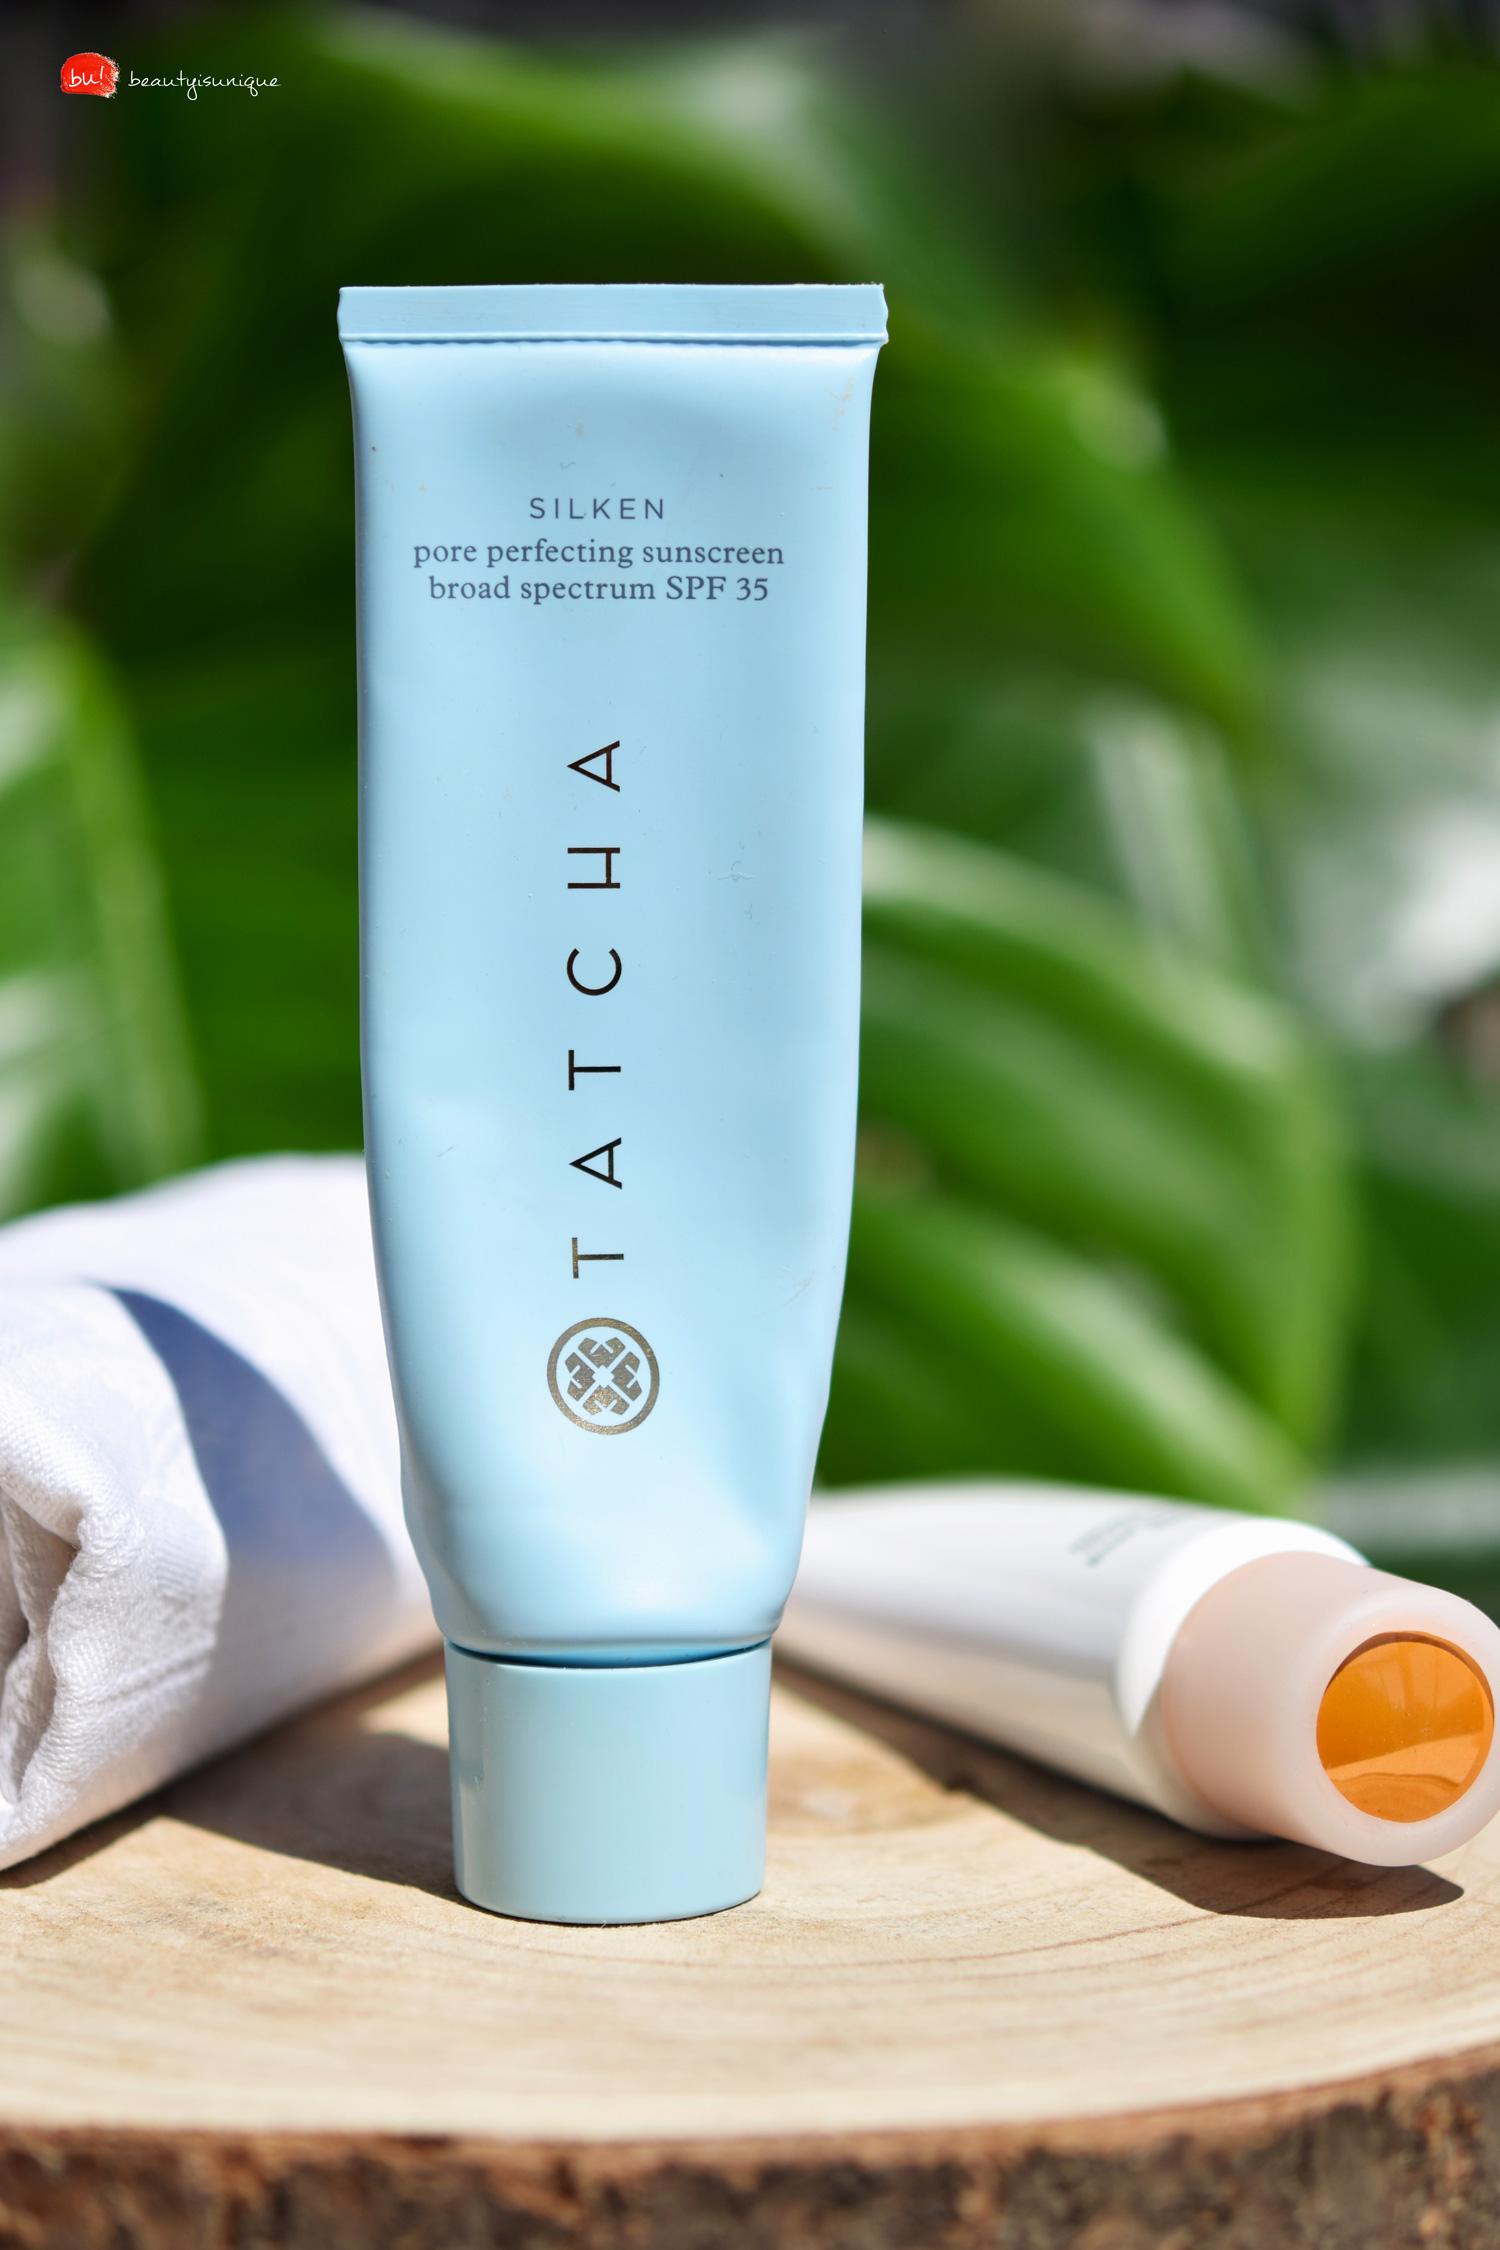 tatcha-silken-sunscreen-SPF-35